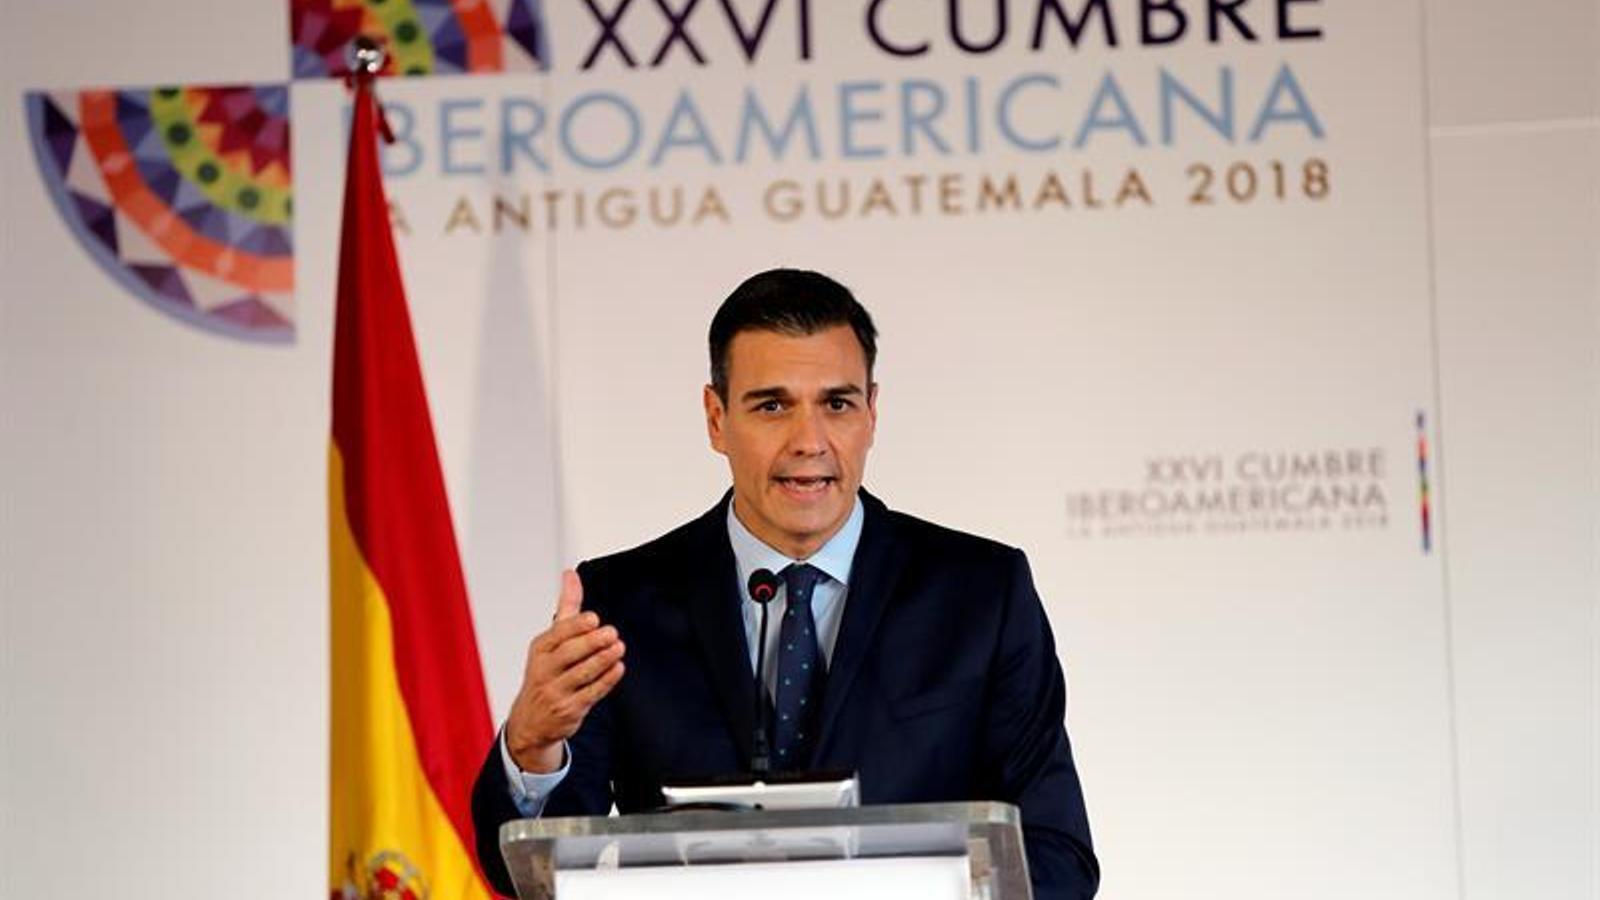 El president espanyol, a la cimera iberoamericana de Guatemala